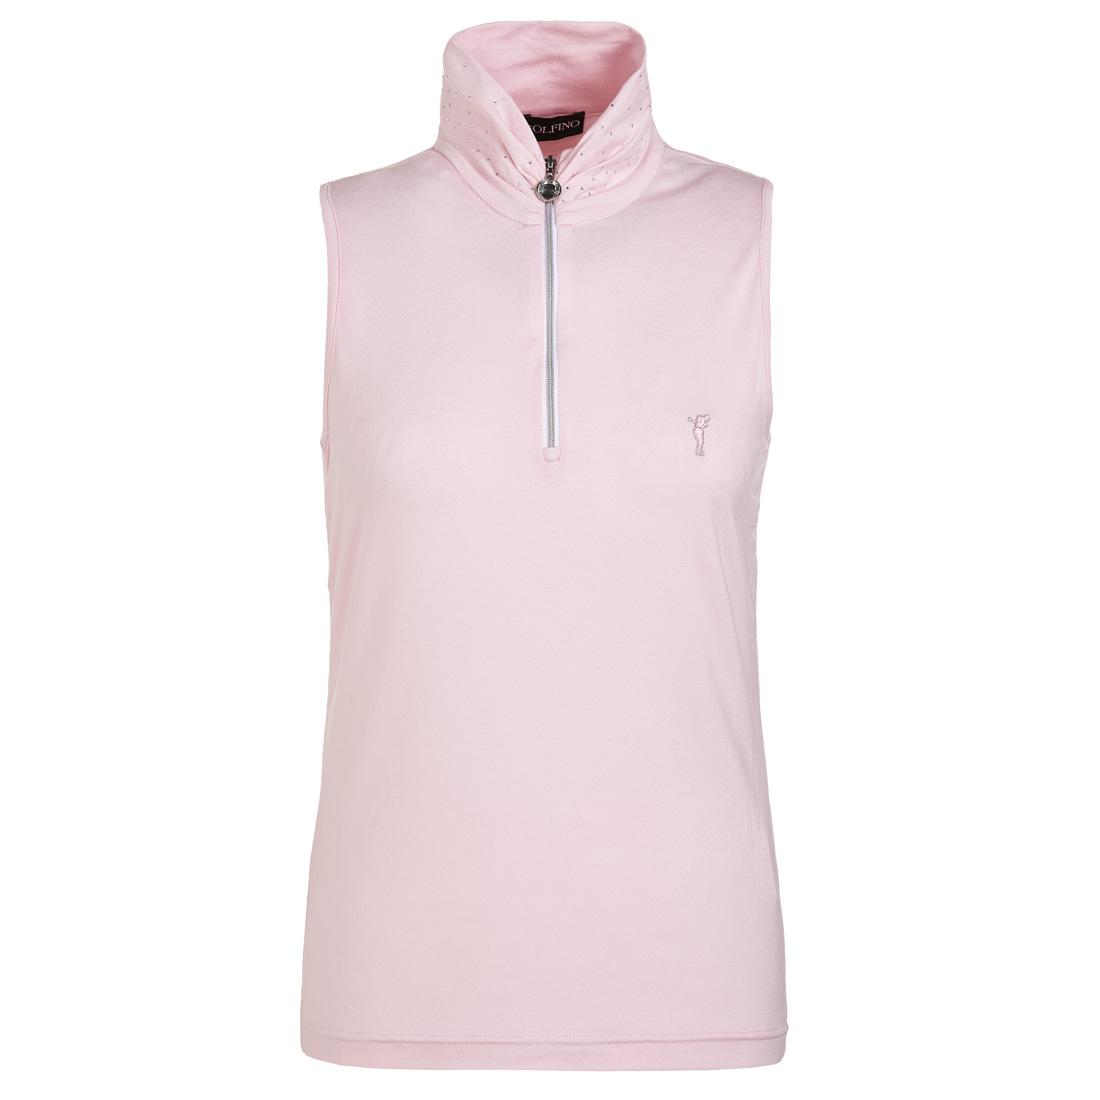 Ärmelloser Damen Golfunterzieher Dry Comfort mit Strassbesatz am Schalkragen